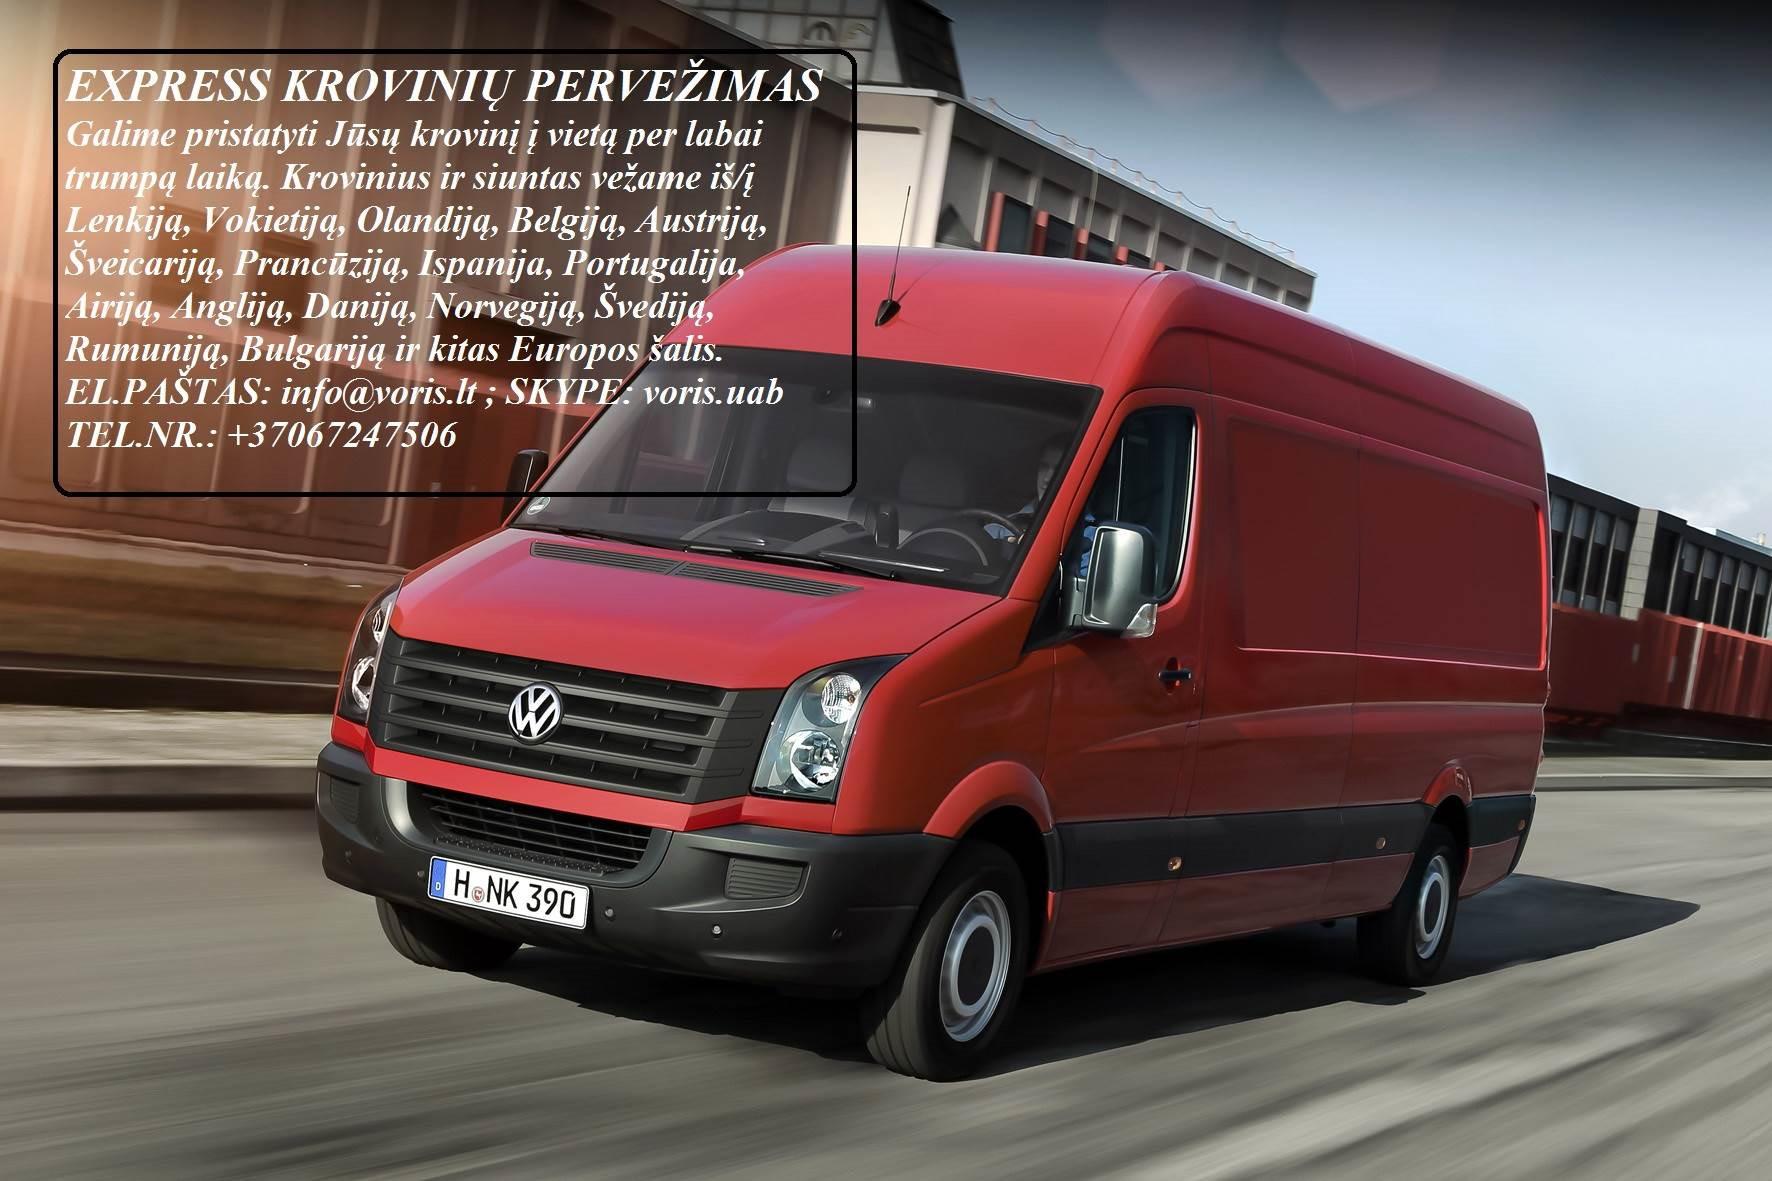 Kroviniai / Siuntos / Perkraustymas ! ŠAKIAI Skubių (express) krovinių pervežimai / gabenimai. Siuntų pervežimas. ( Lietuva / Vokietija / Italija / Au